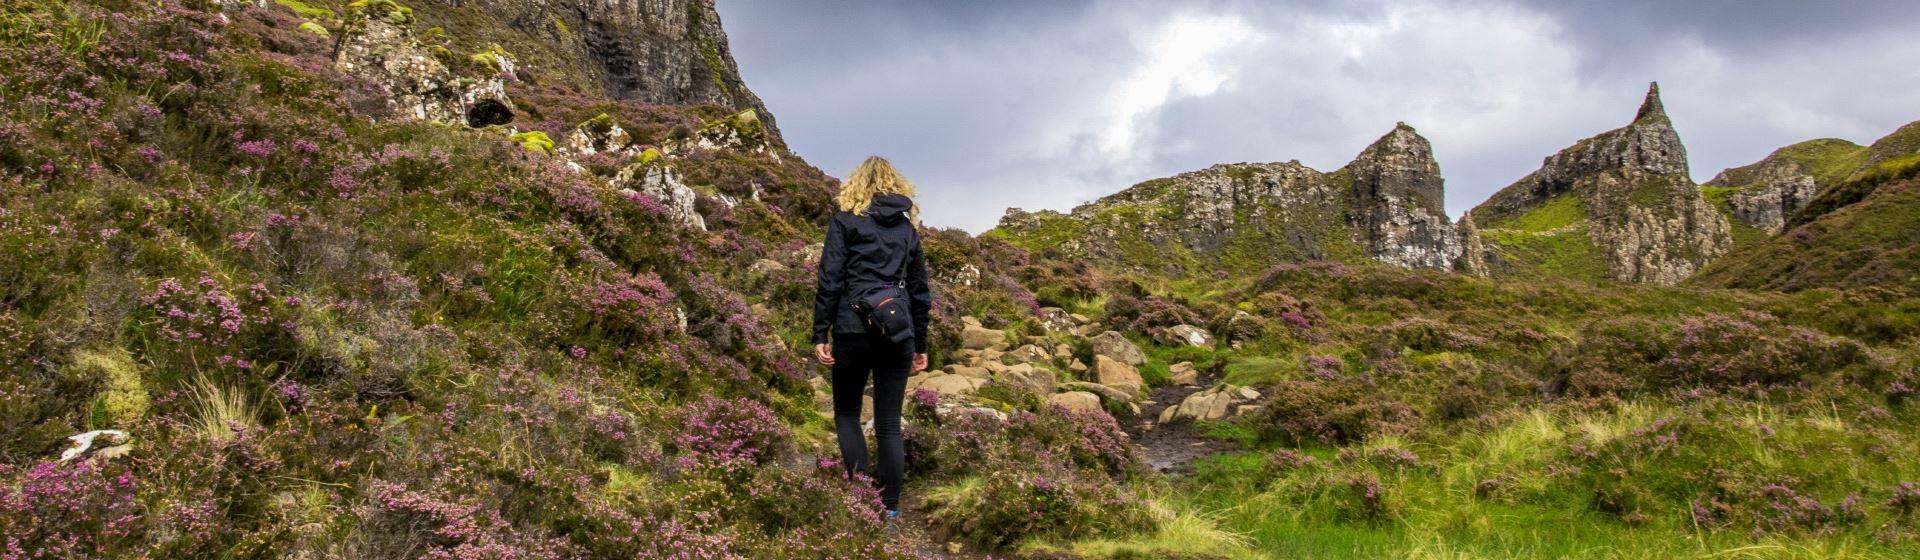 Schotland: paradijs voor wandelaars.-first-banner